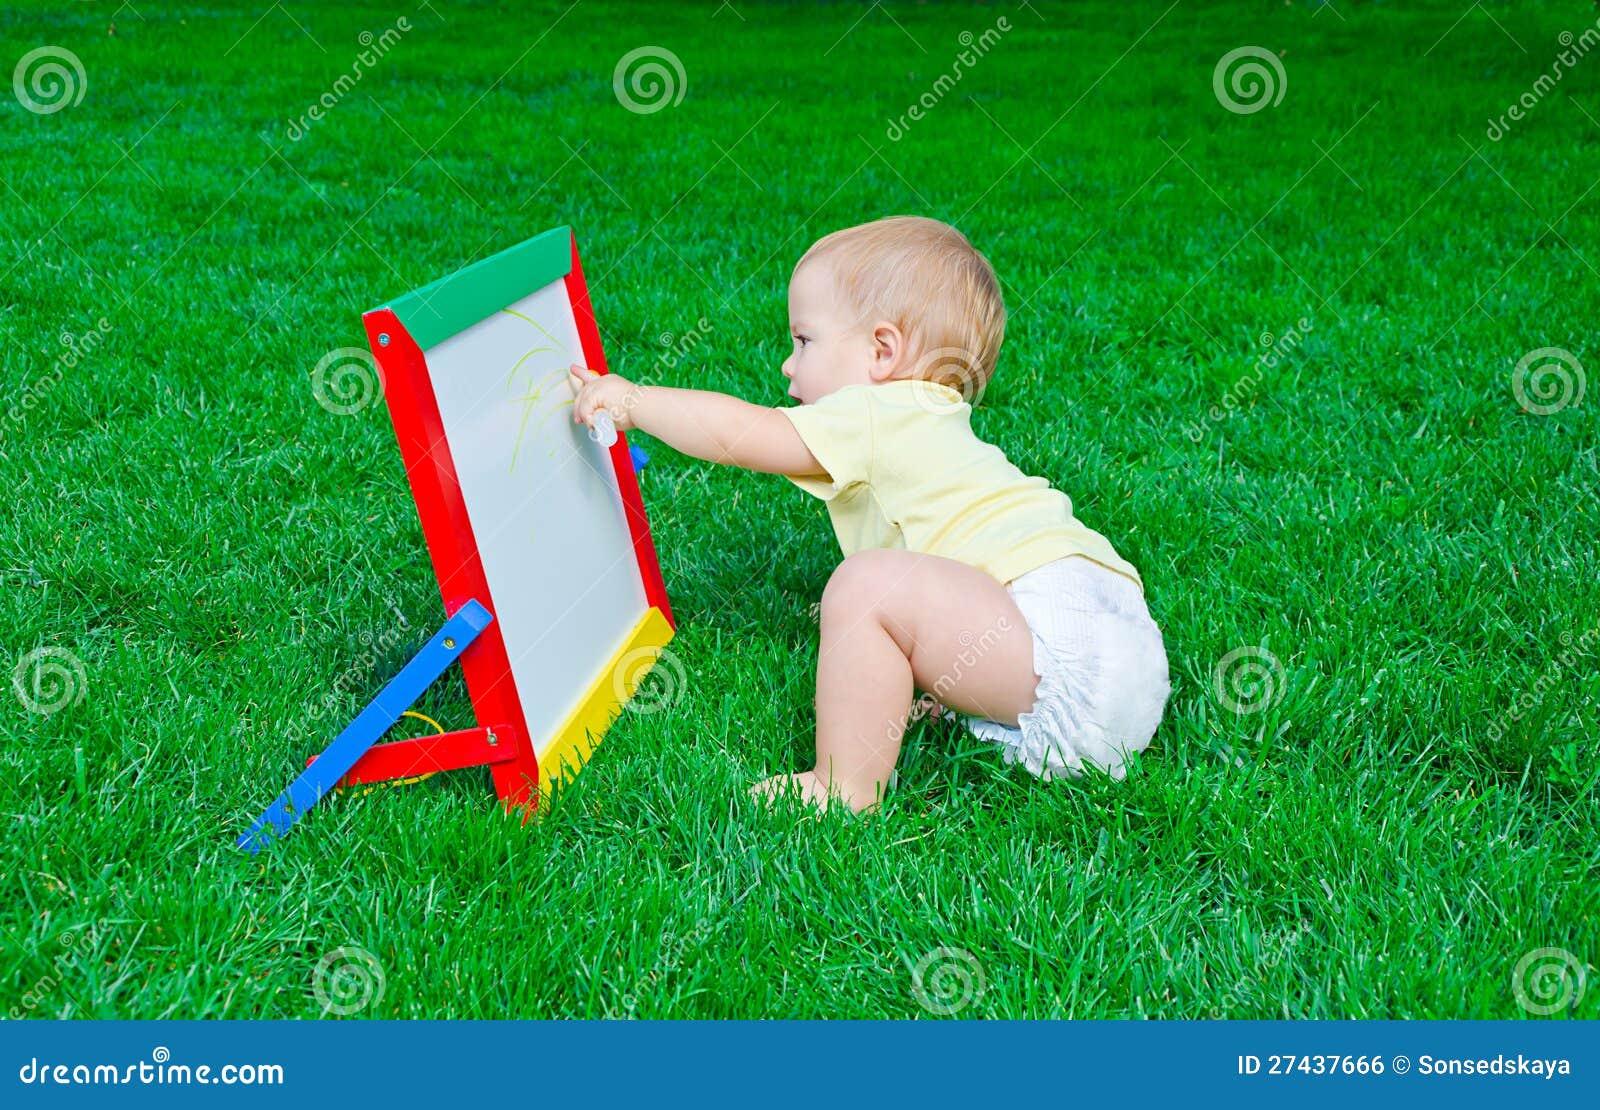 Tecknar den härliga pysen för Ð att sitta på en lawn